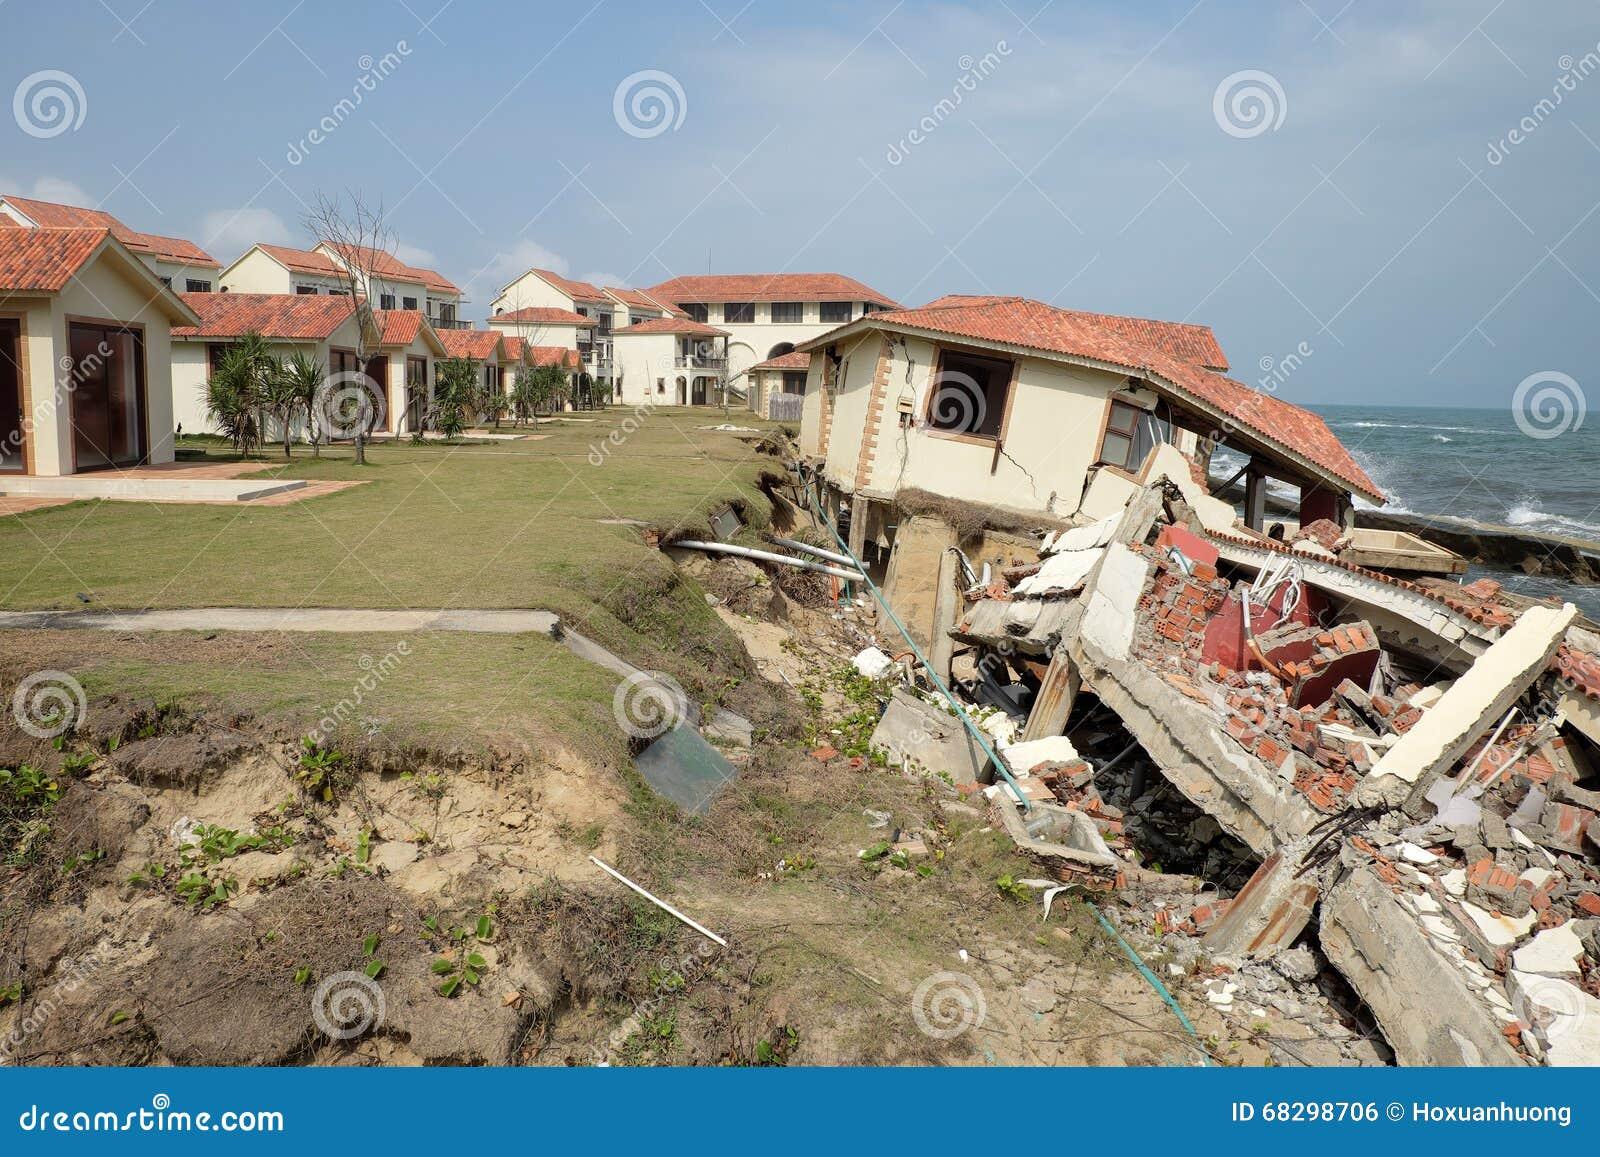 Abnutzung, Klimawandel, gebrochenes Gebäude, Hoi An, Vietnam